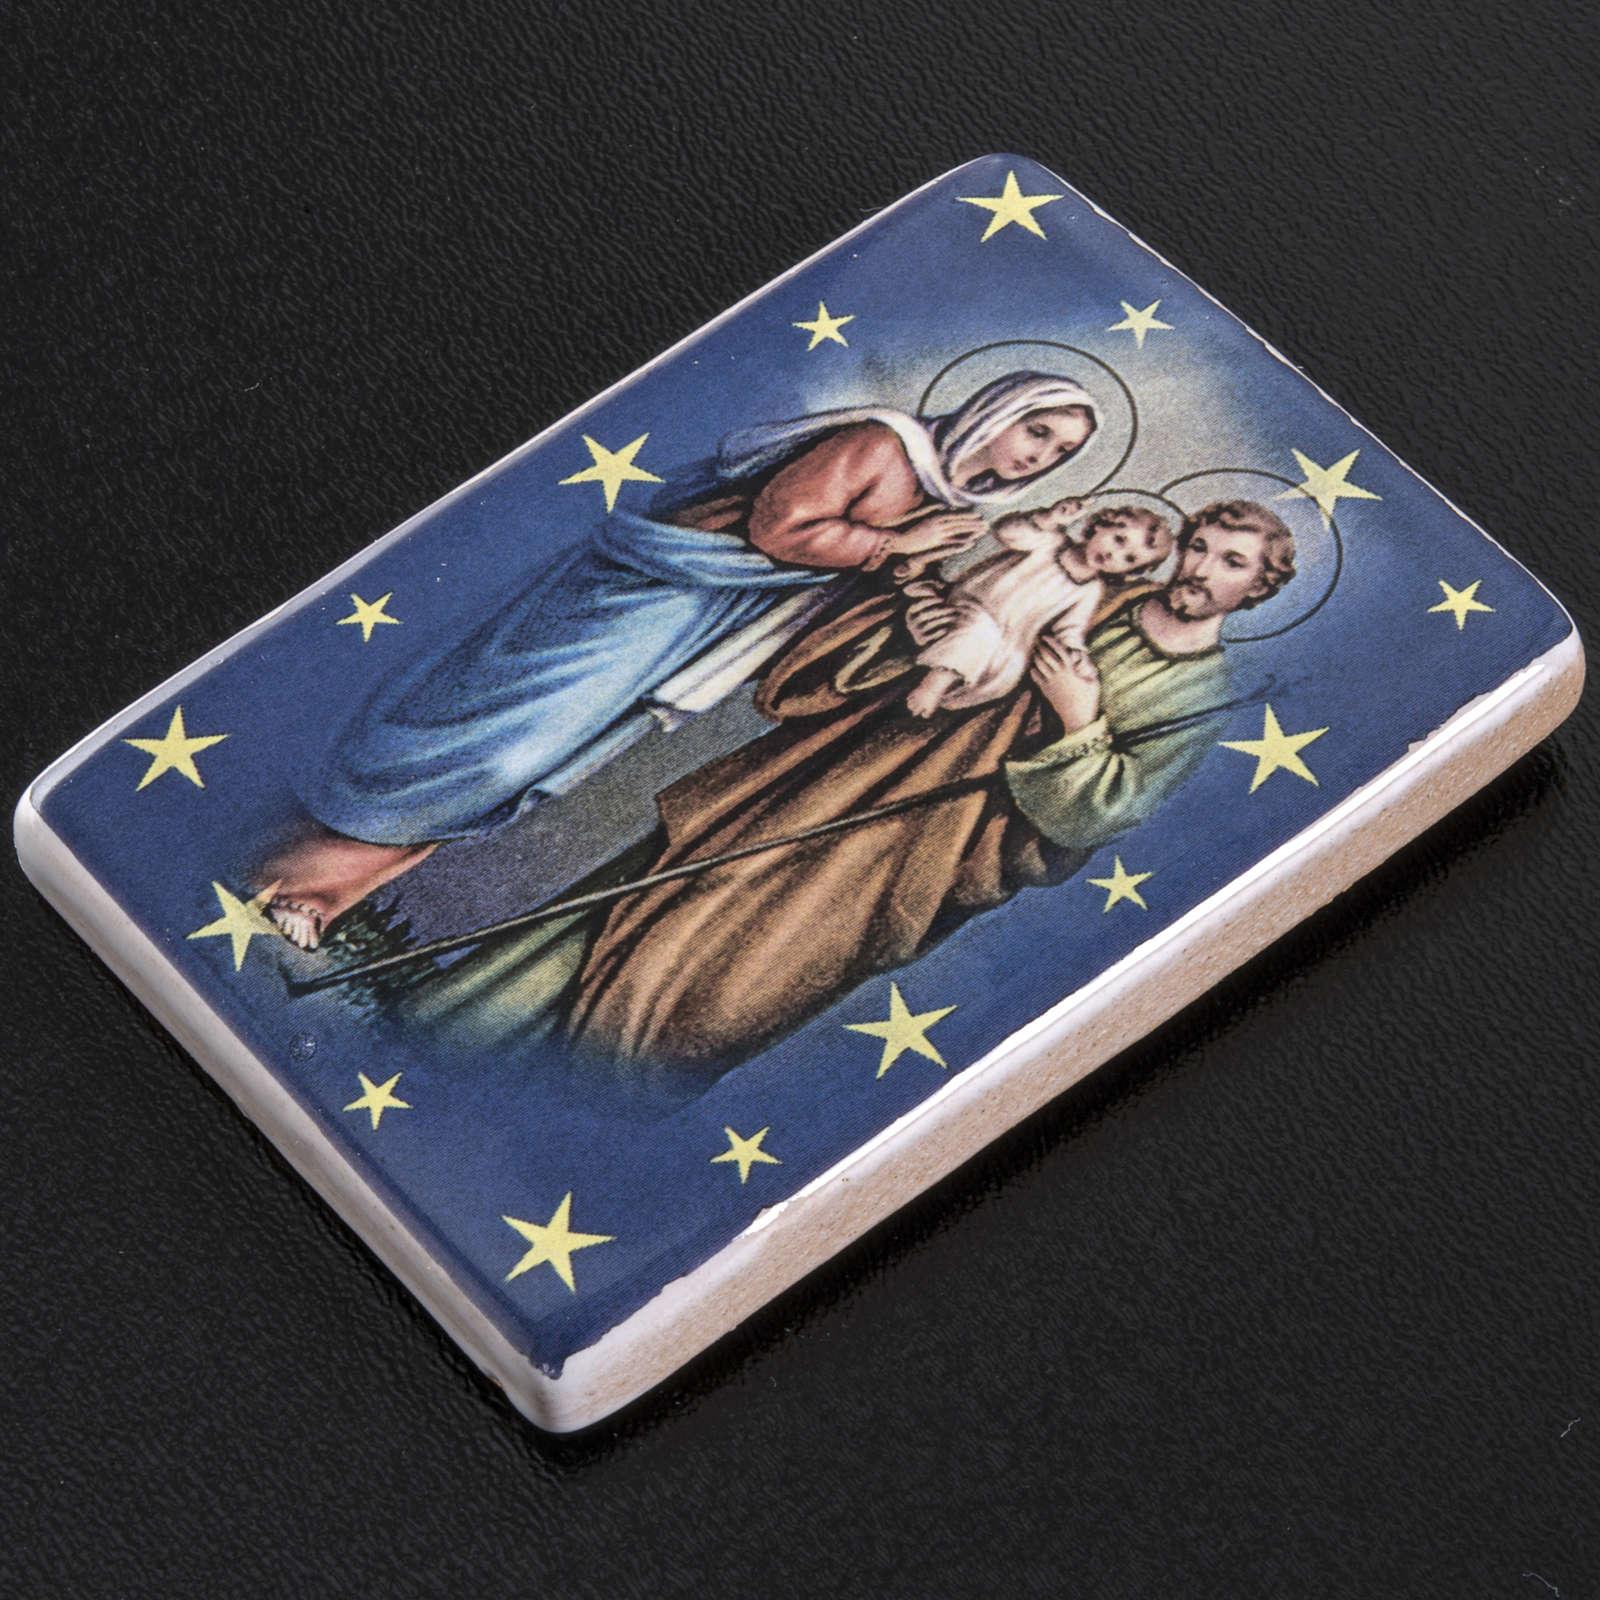 Imán cerámica rectangular Sagrada Familia 3